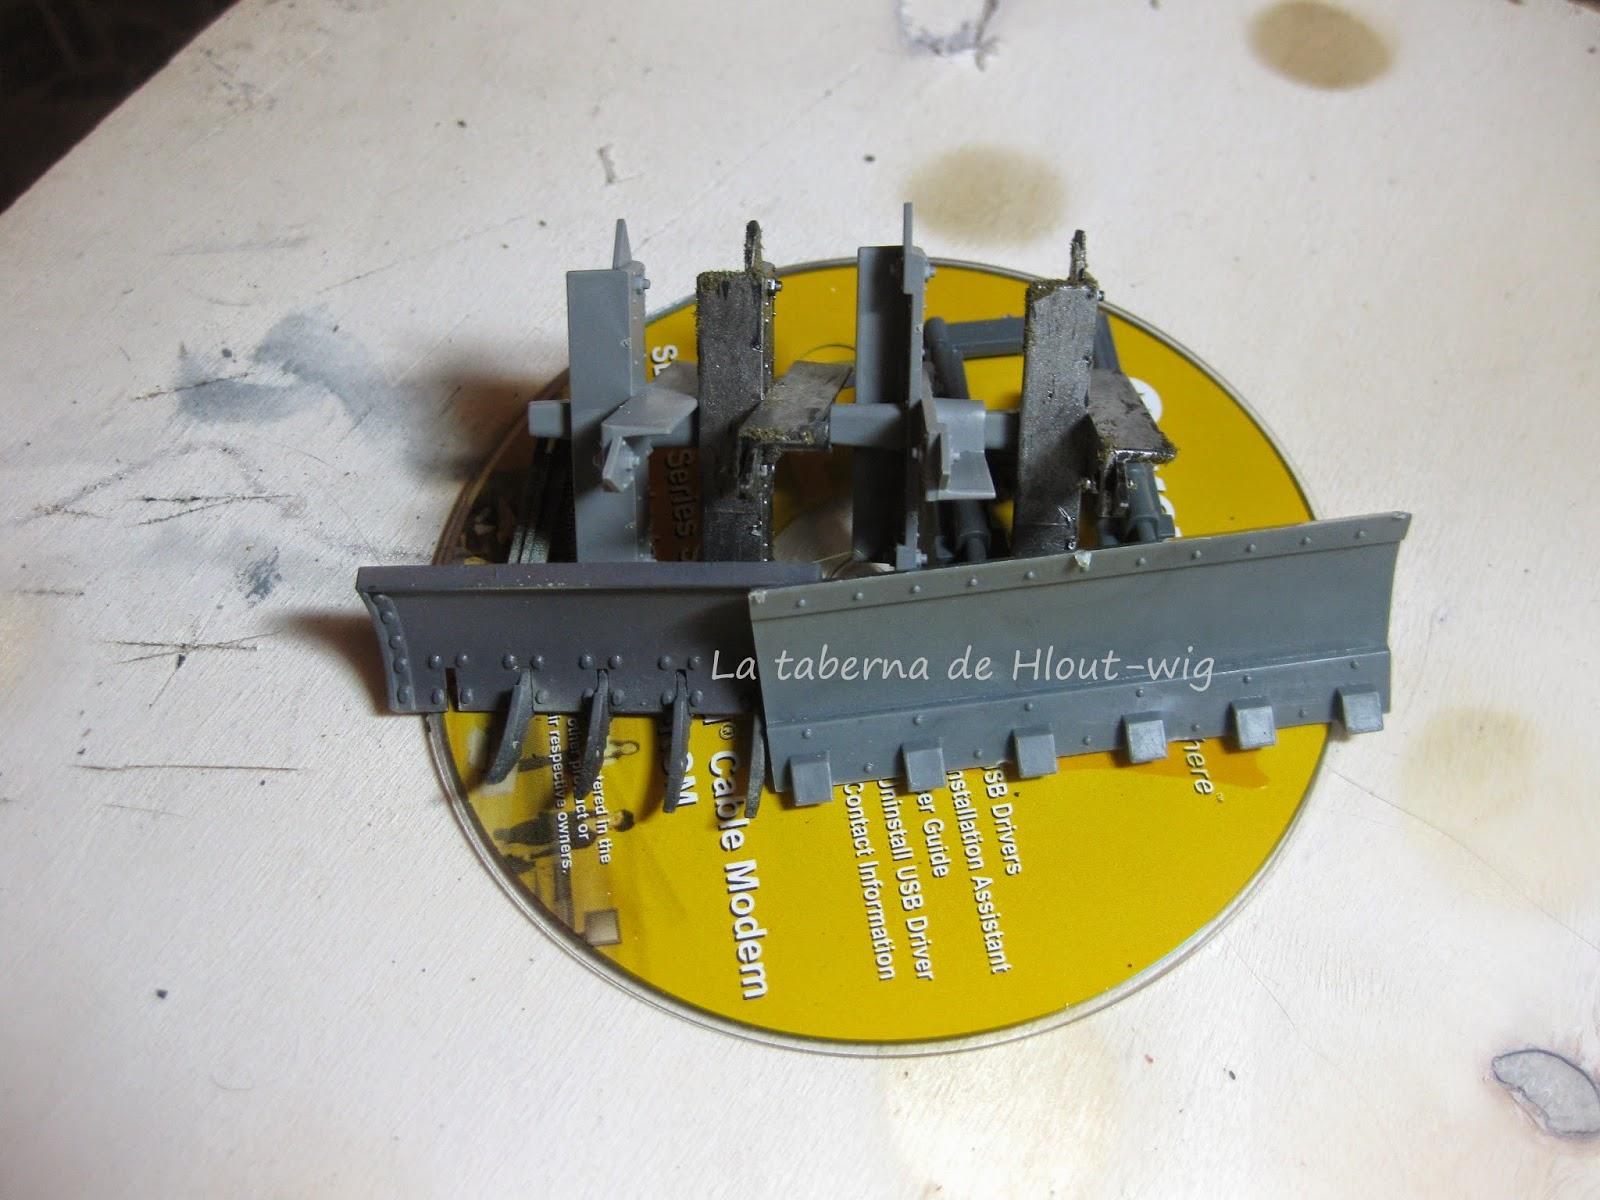 CD con trampas antivehículo y palas excavadoras.